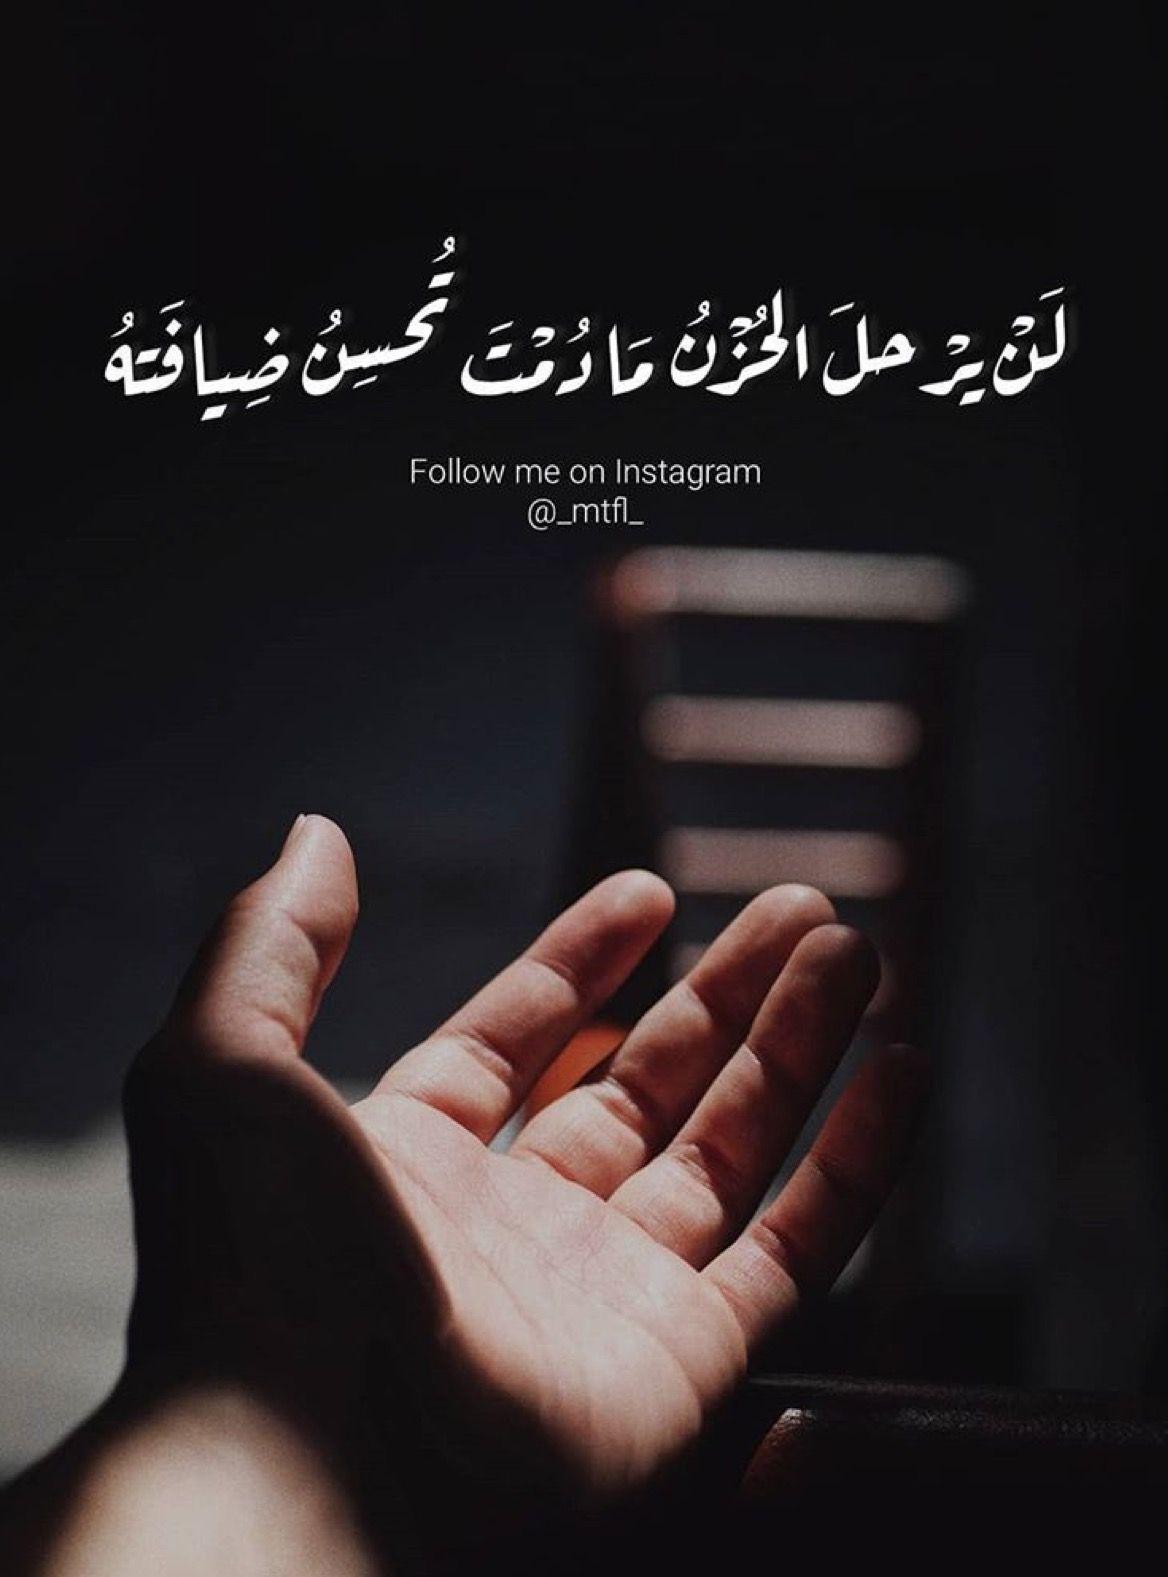 قال الله تعالى(لاتحزن فأنك بأعيننا)سورة الطور | نصائح دينية